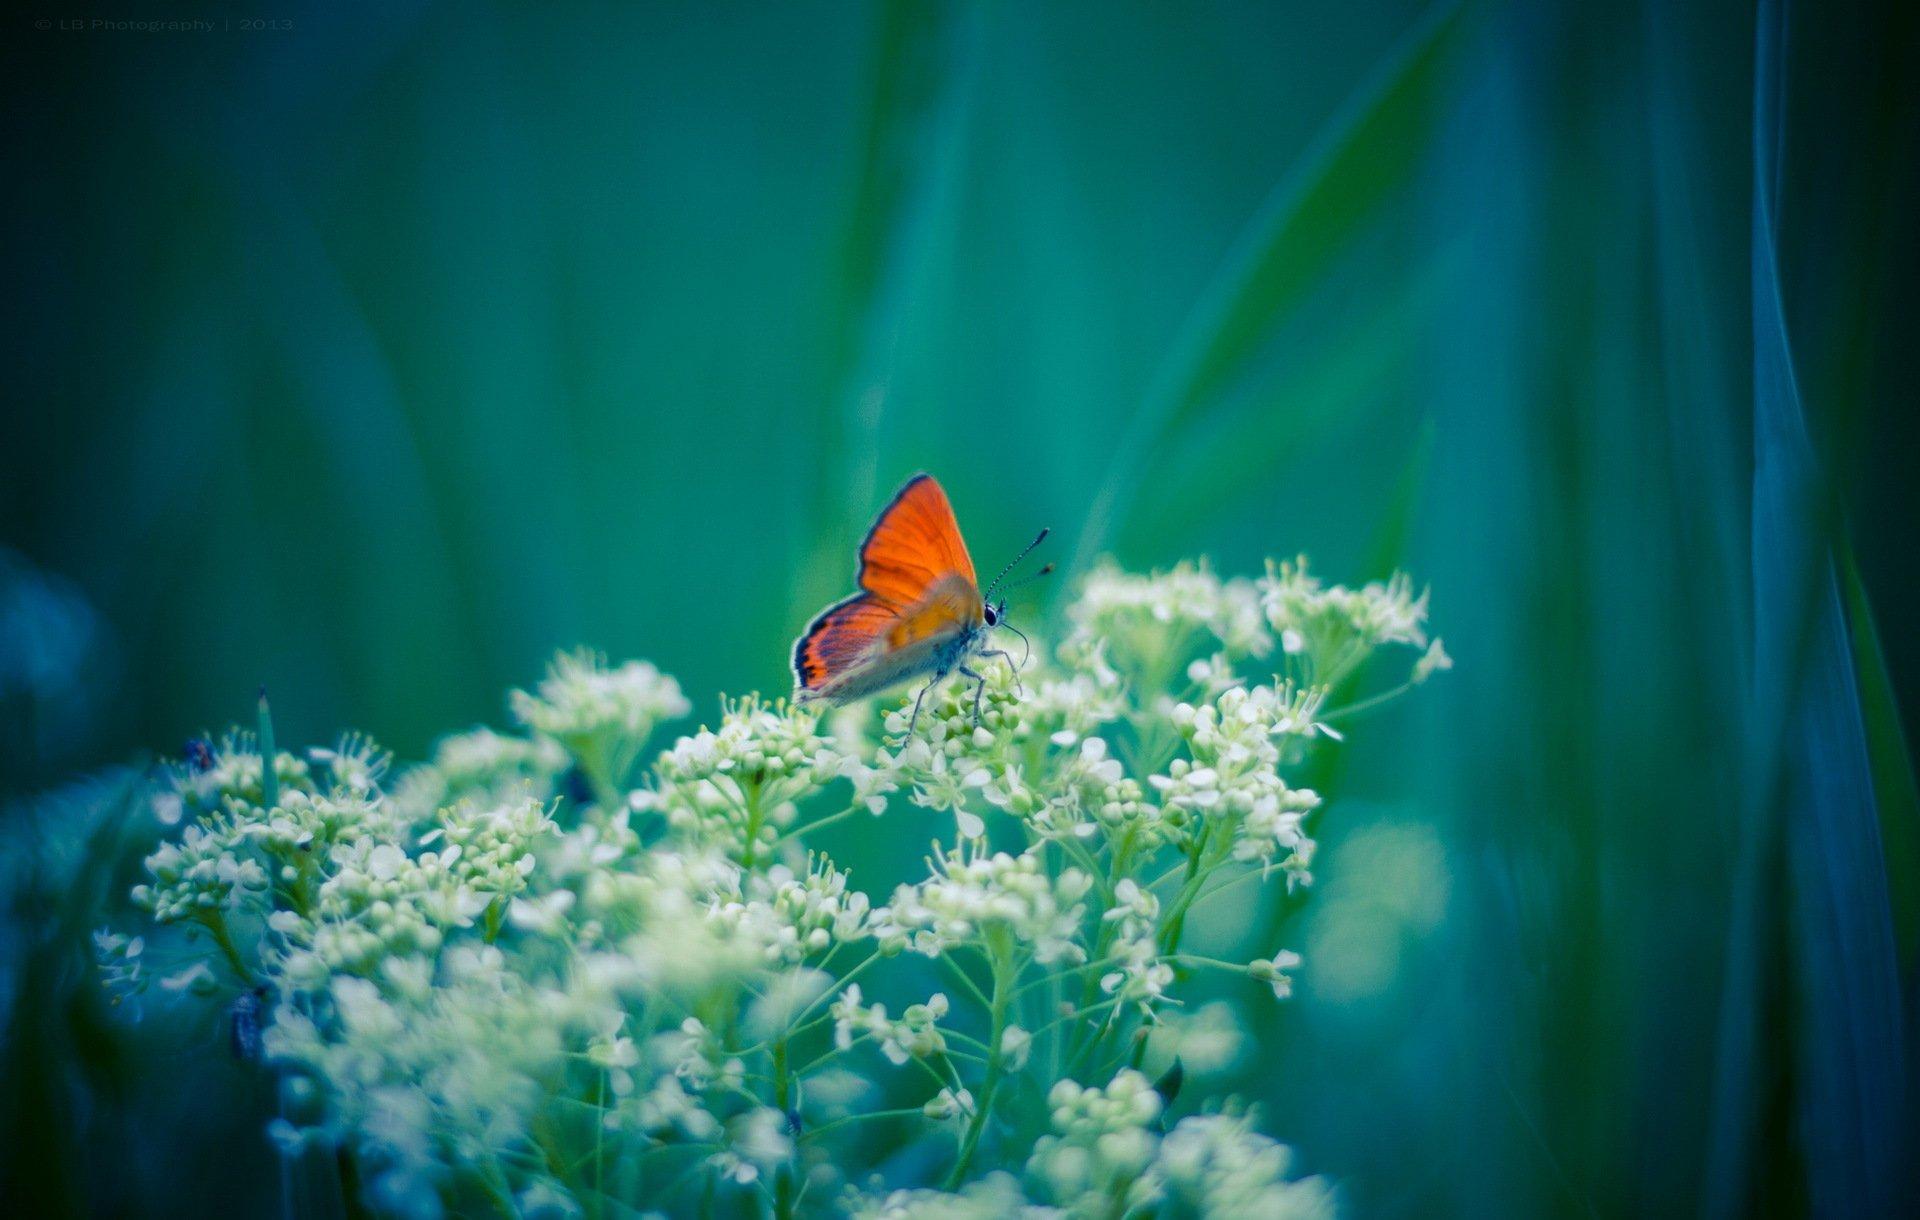 Бабочка голубая цветок макро загрузить